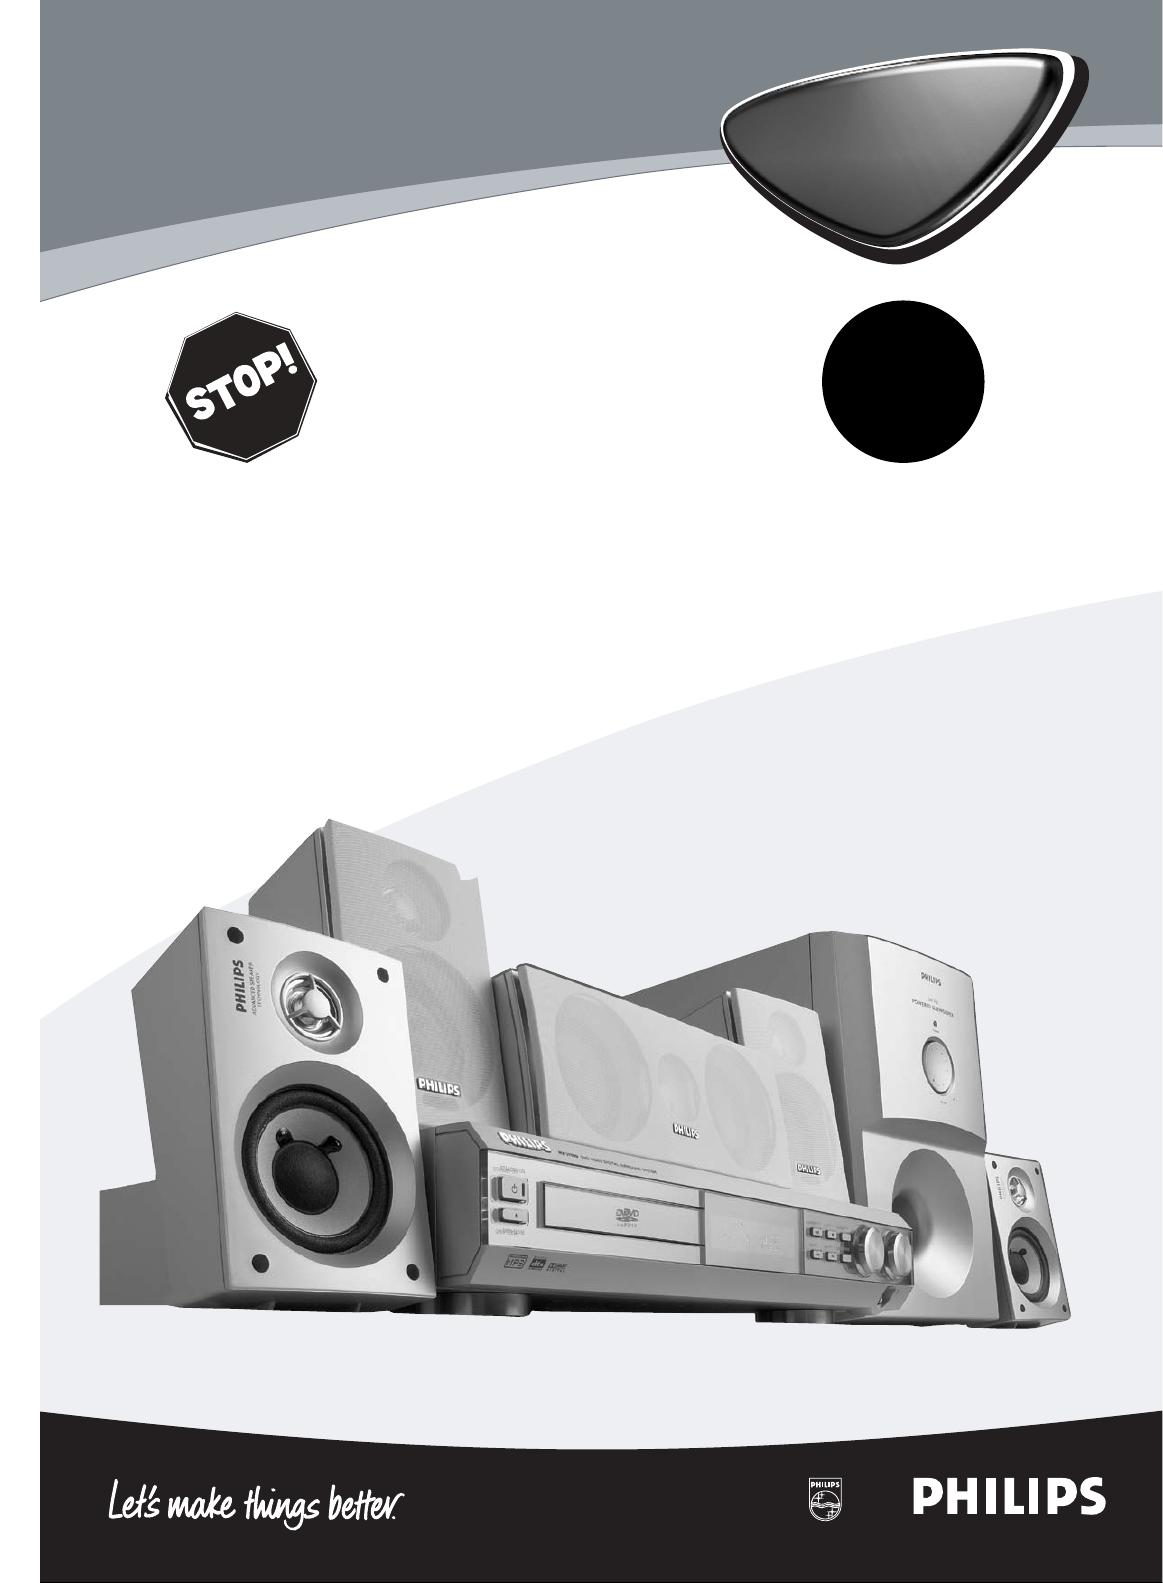 philips stereo system mx3600 user guide manualsonline com rh audio manualsonline com Philips User Guides Speaker Bt7900 Philips Flat TV Manual